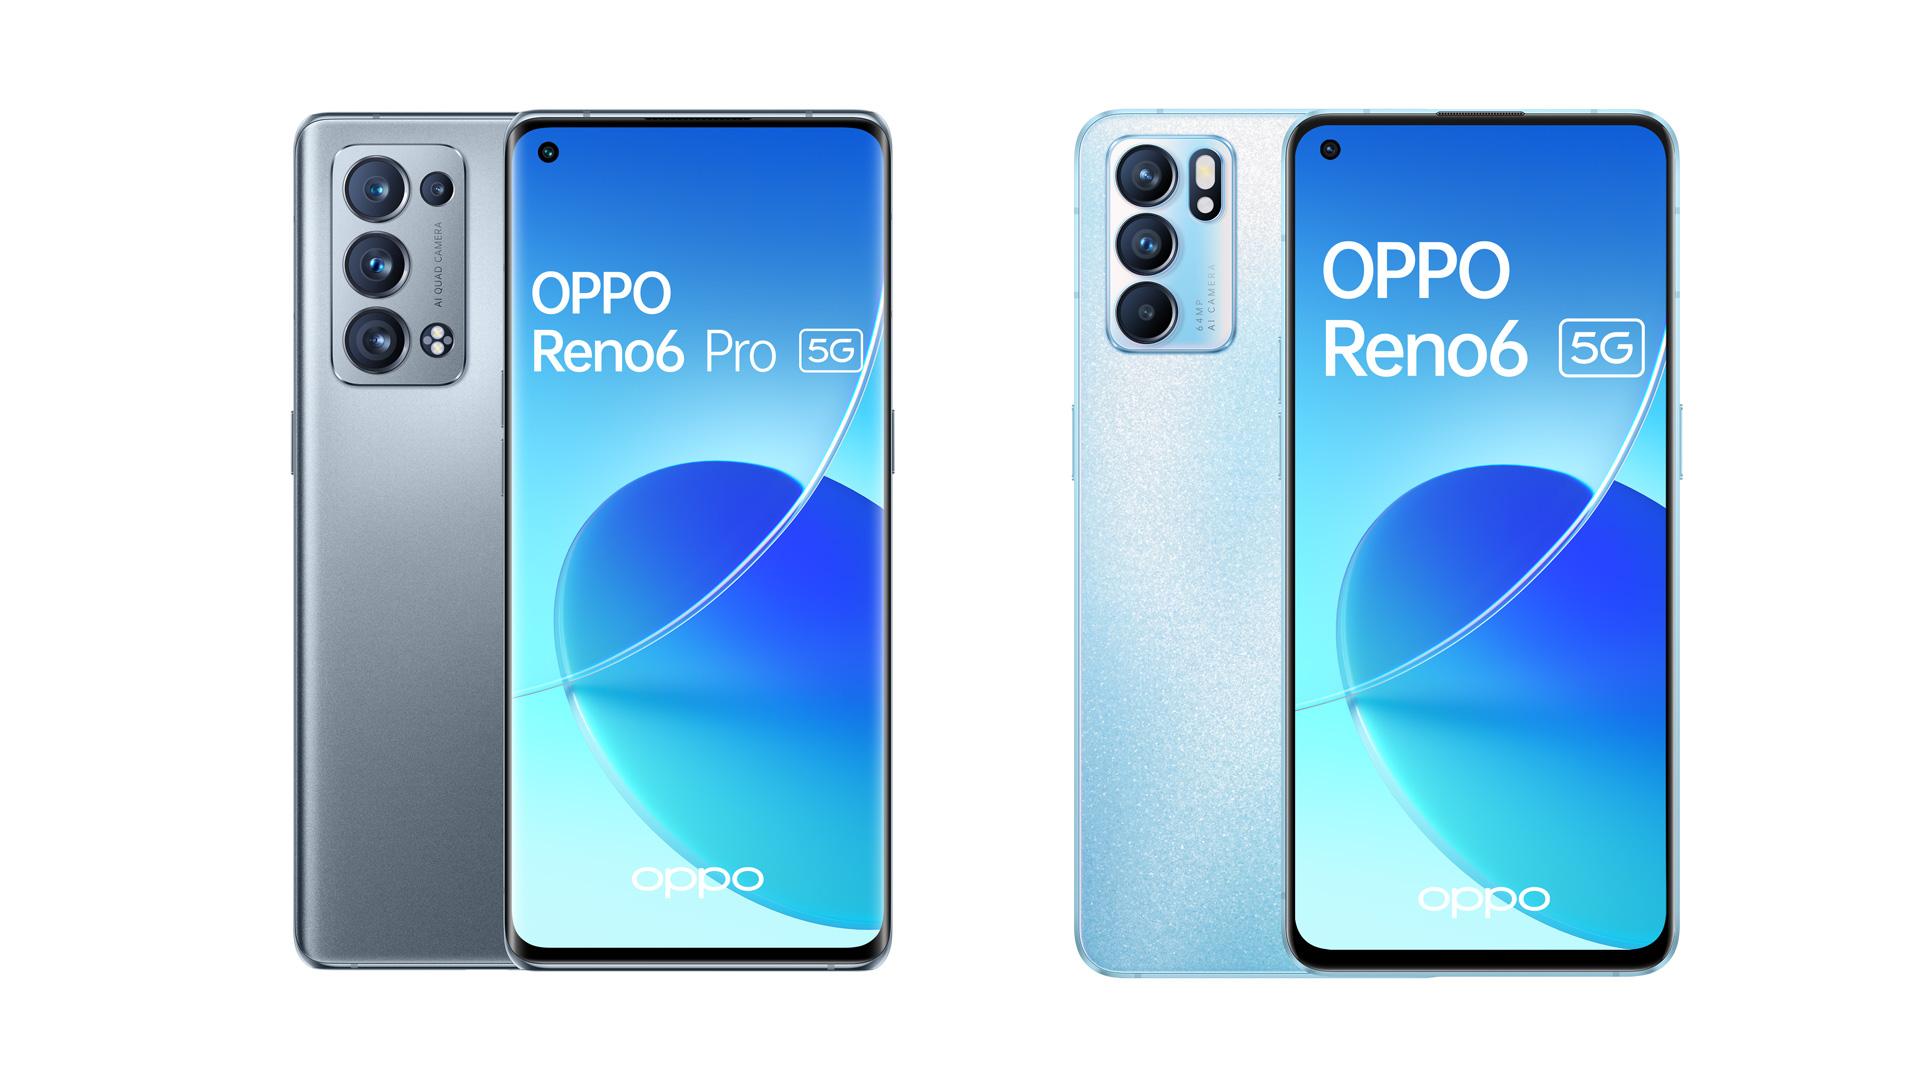 Bienvenue aux nouveaux OPPO Reno6 5G et OPPO Reno6 Pro 5G !